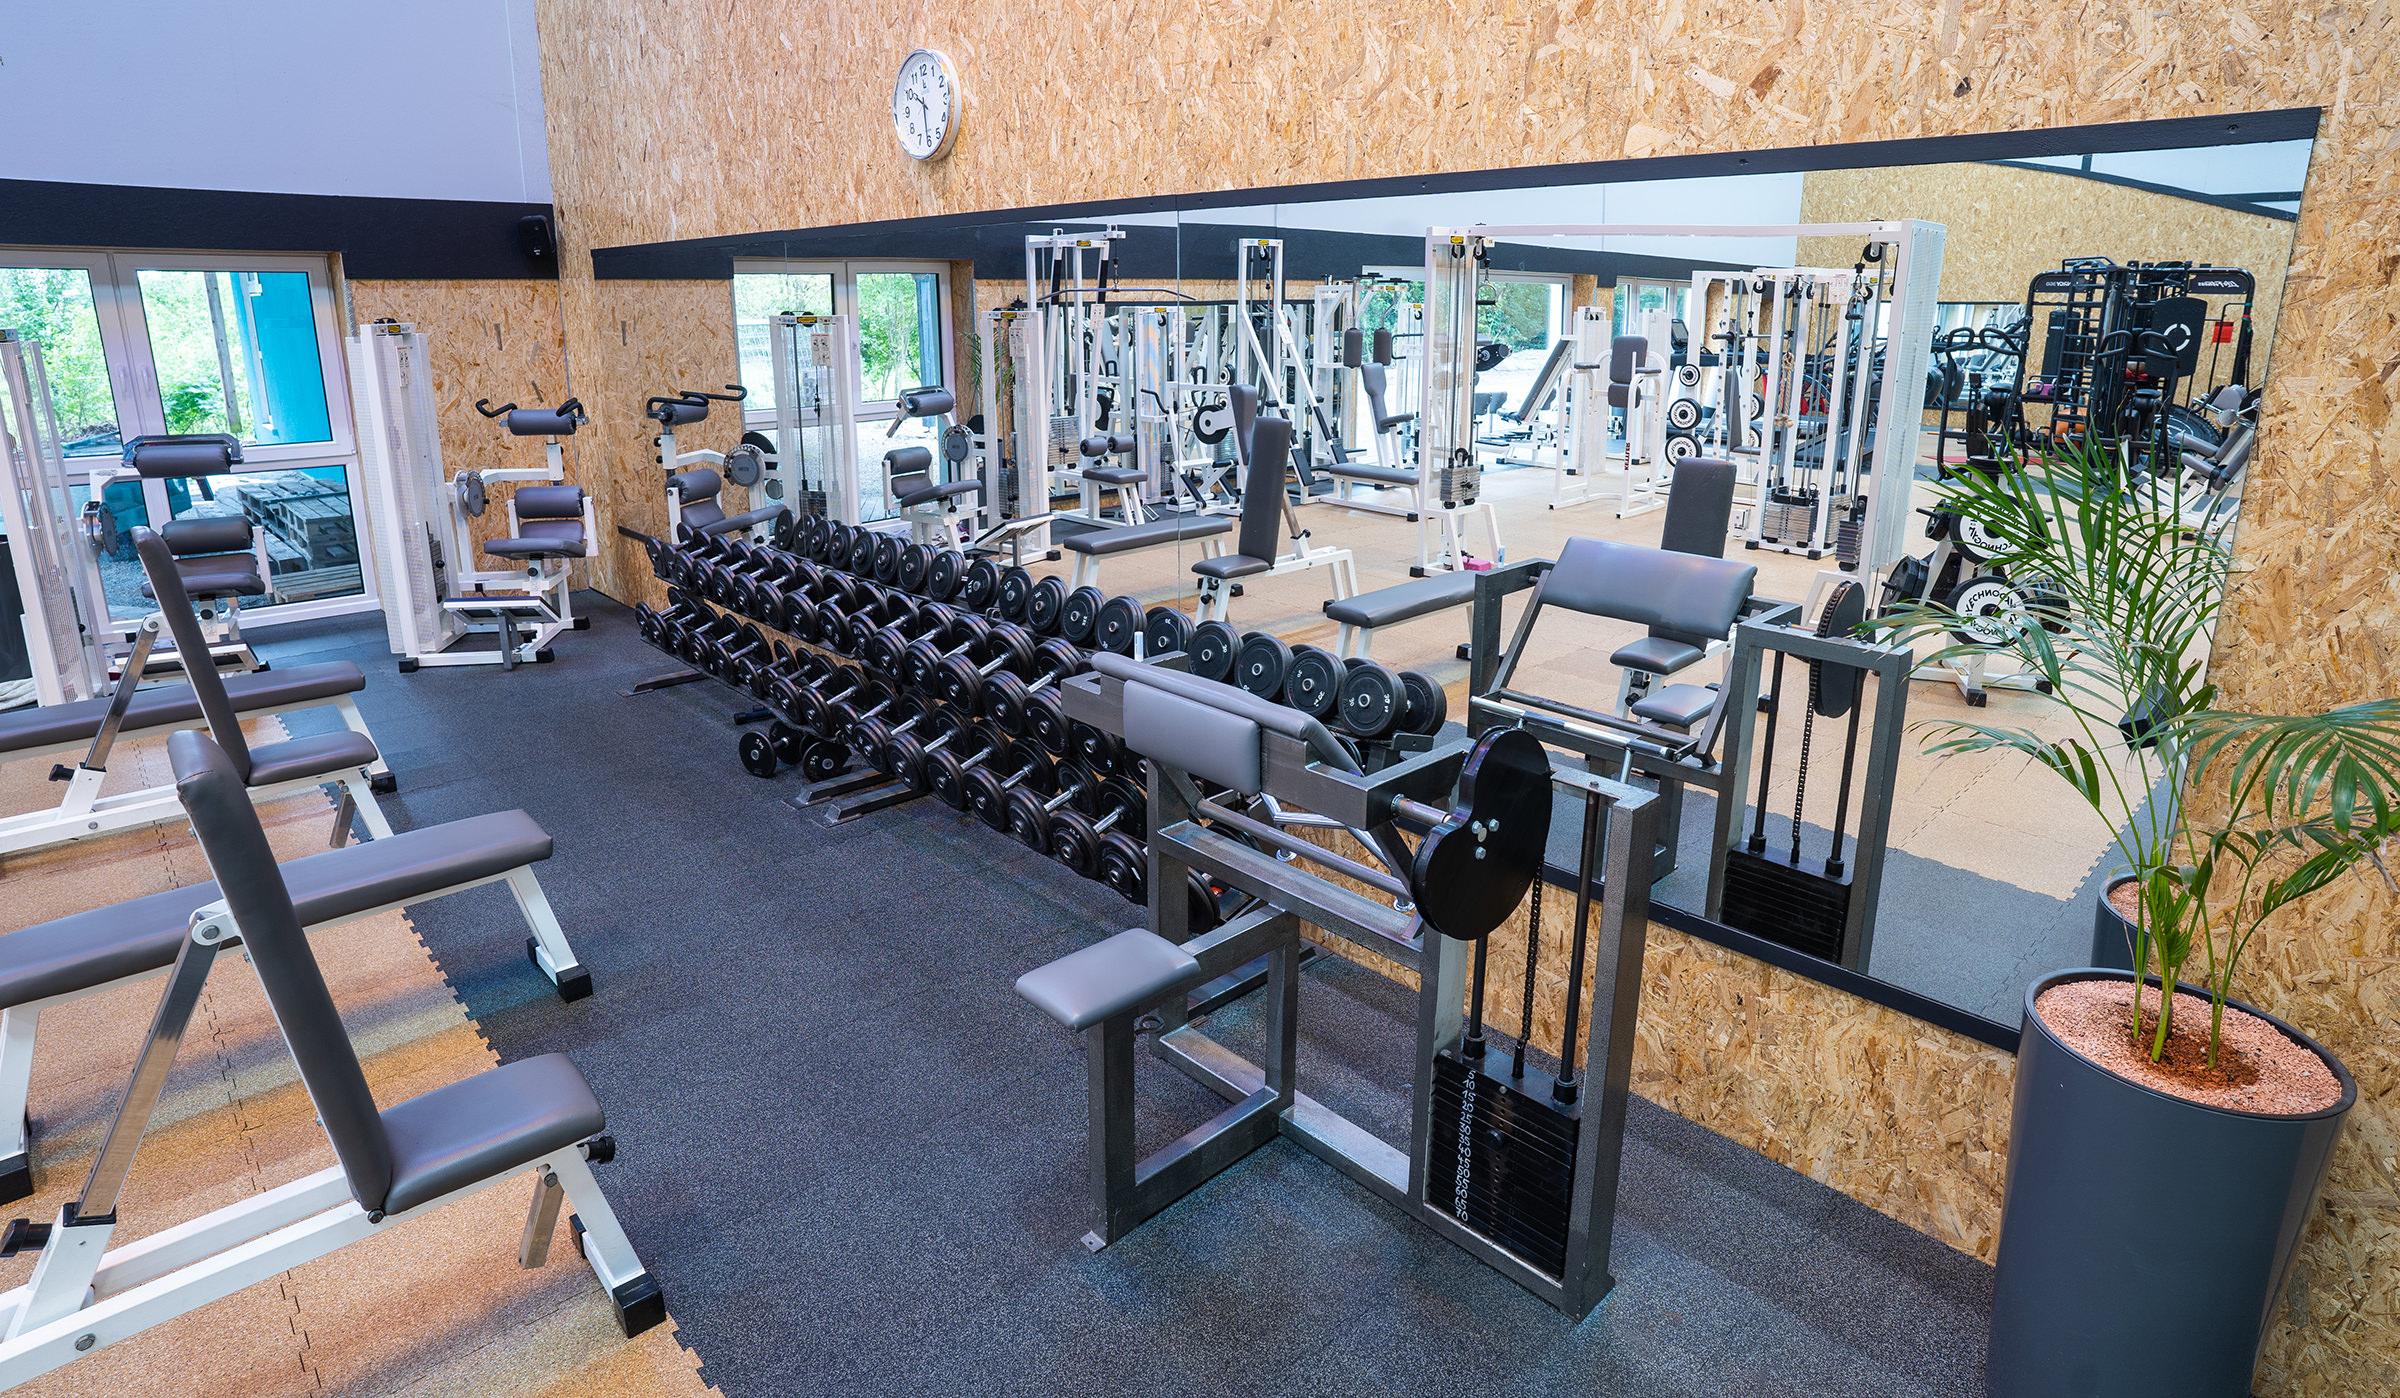 Fitnessbereich im Sportpark Nord Nürnberg